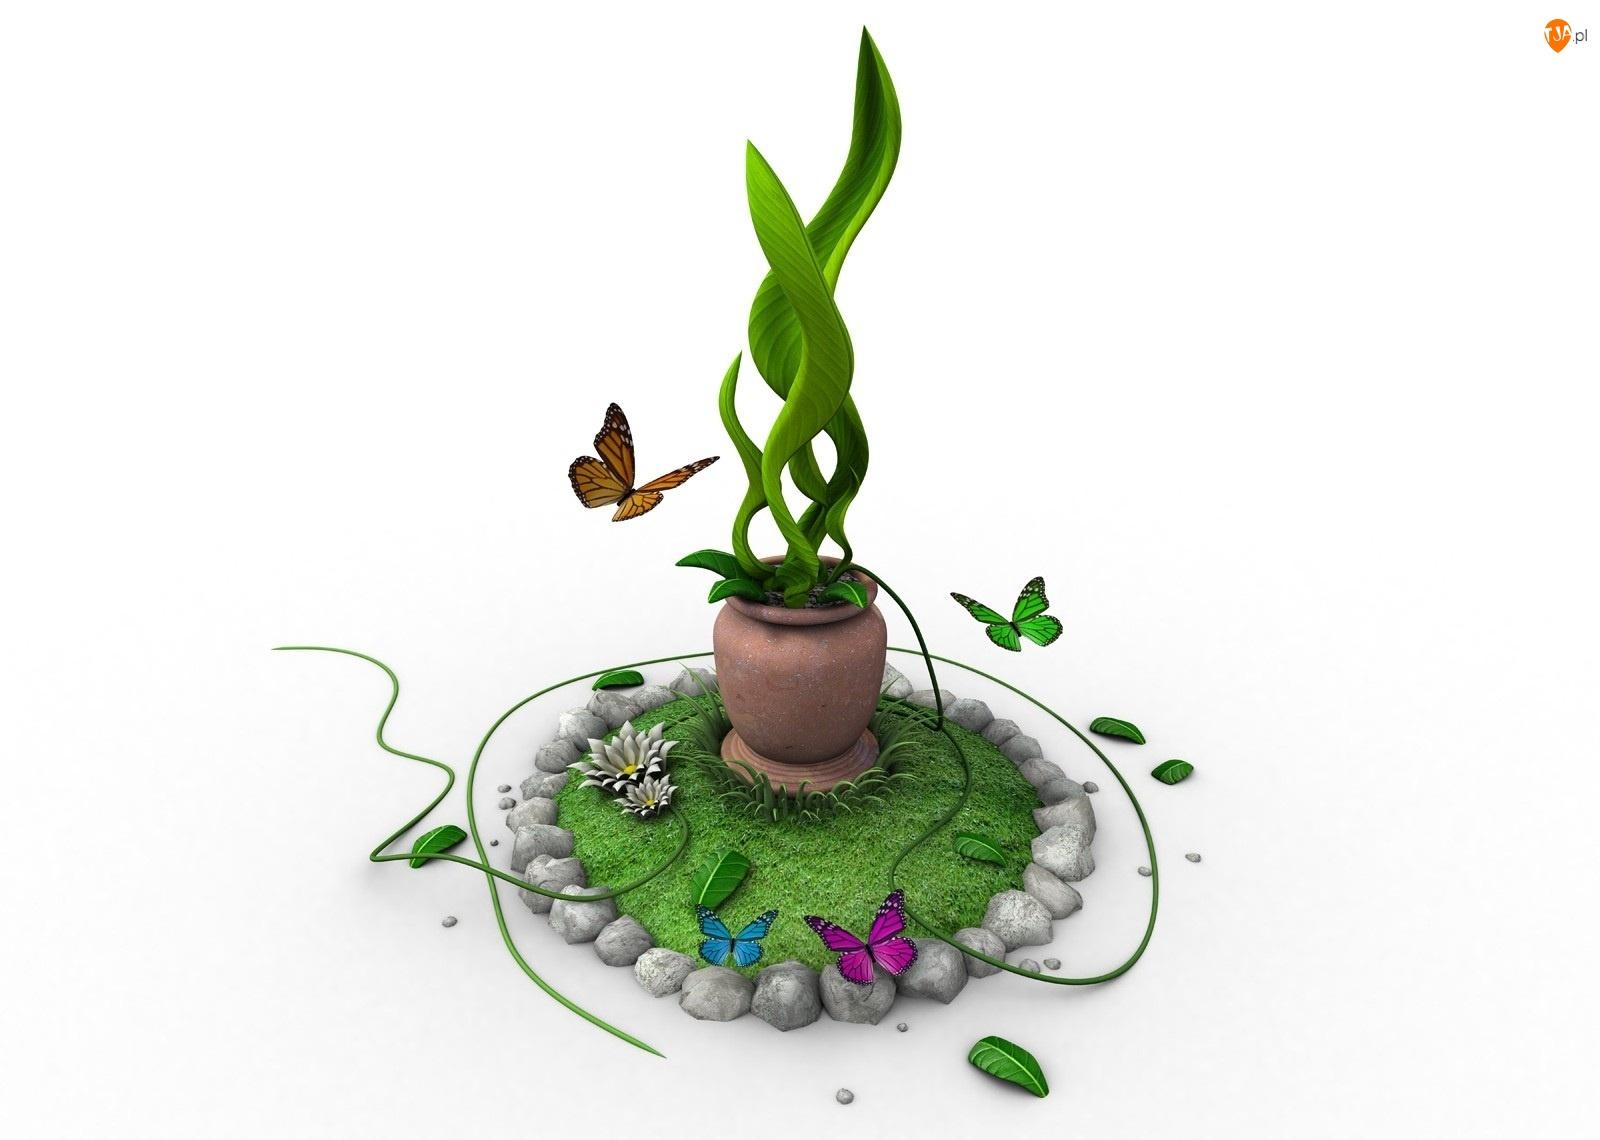 Zielona, Motylki, Roślina, Doniczka